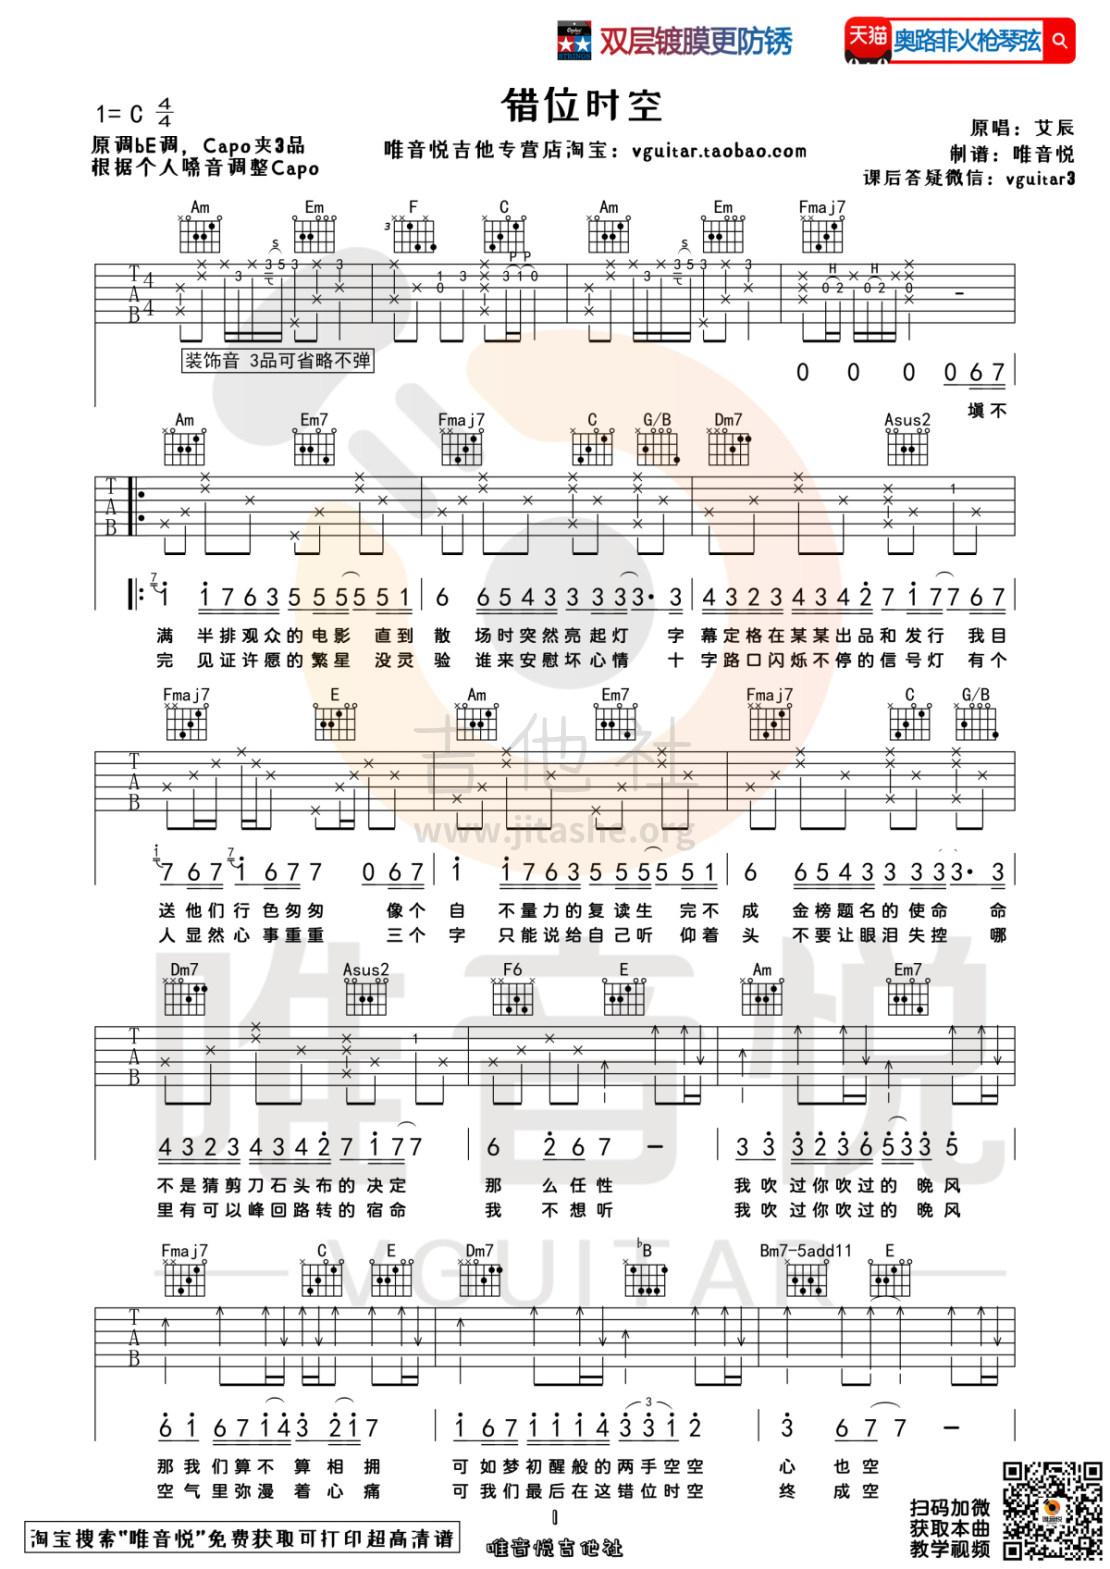 打印:错位时空 (原版简单吉他谱 唯音悦制谱)吉他谱_艾辰_错位时空01.jpg